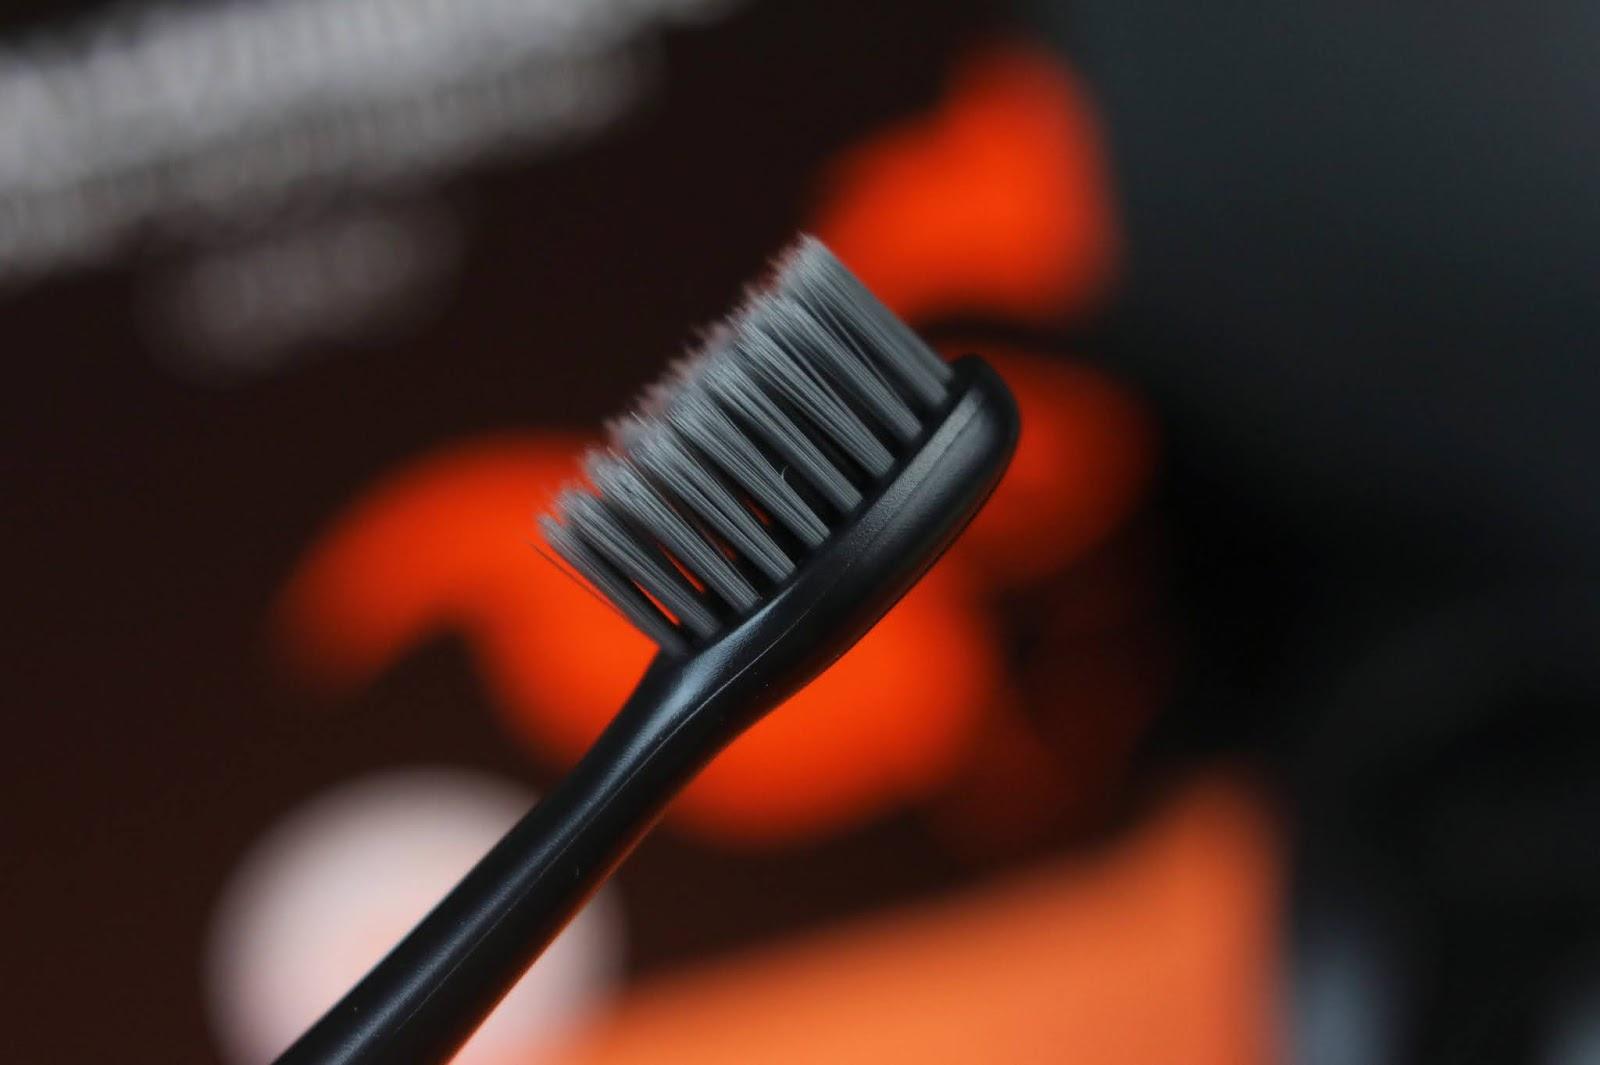 amazon, design, elektrische zahnbürste, erfahrung, lange akkulaufzeit, mundhygiene, review, schallzahnbürste, schwarze zahnbürste, wasserdicht, wechselköpfe, weissere zähne, zahnheld gero, zahnpflege,